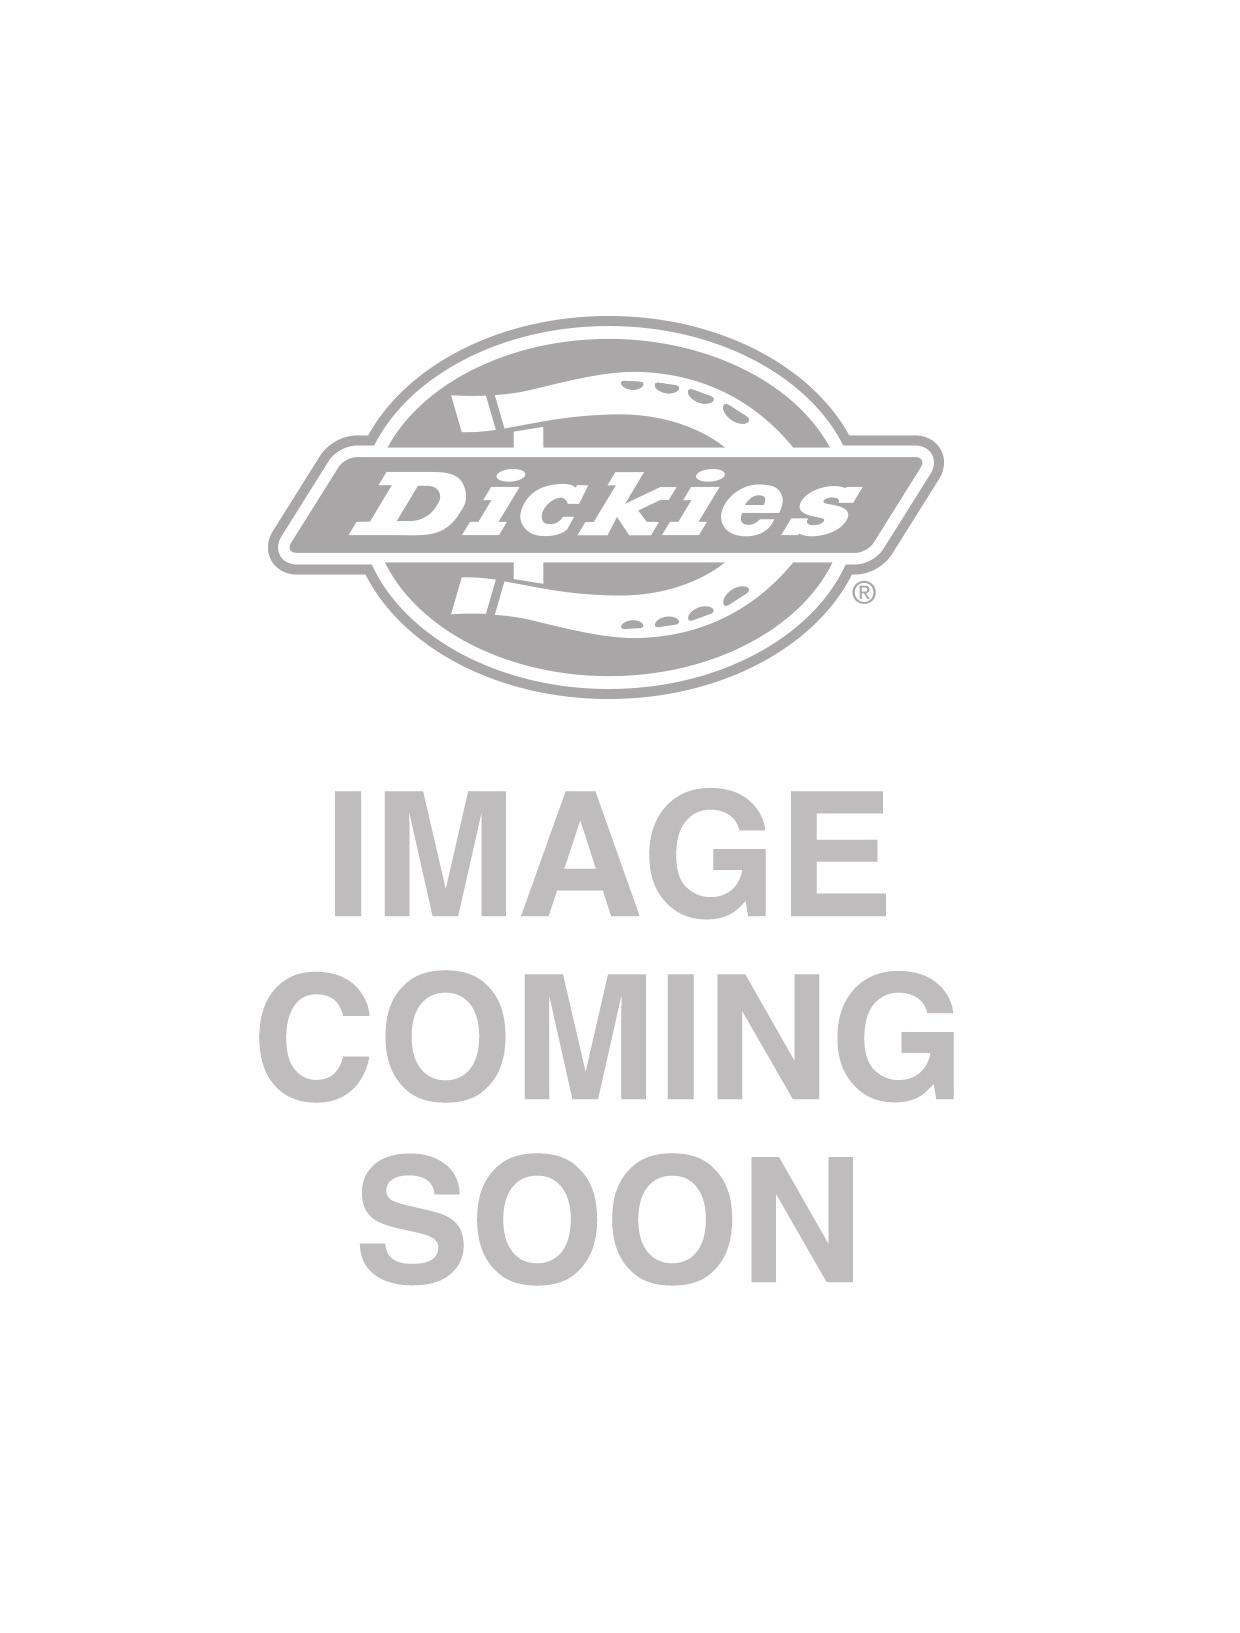 Dickies Alder Creek T-Shirt